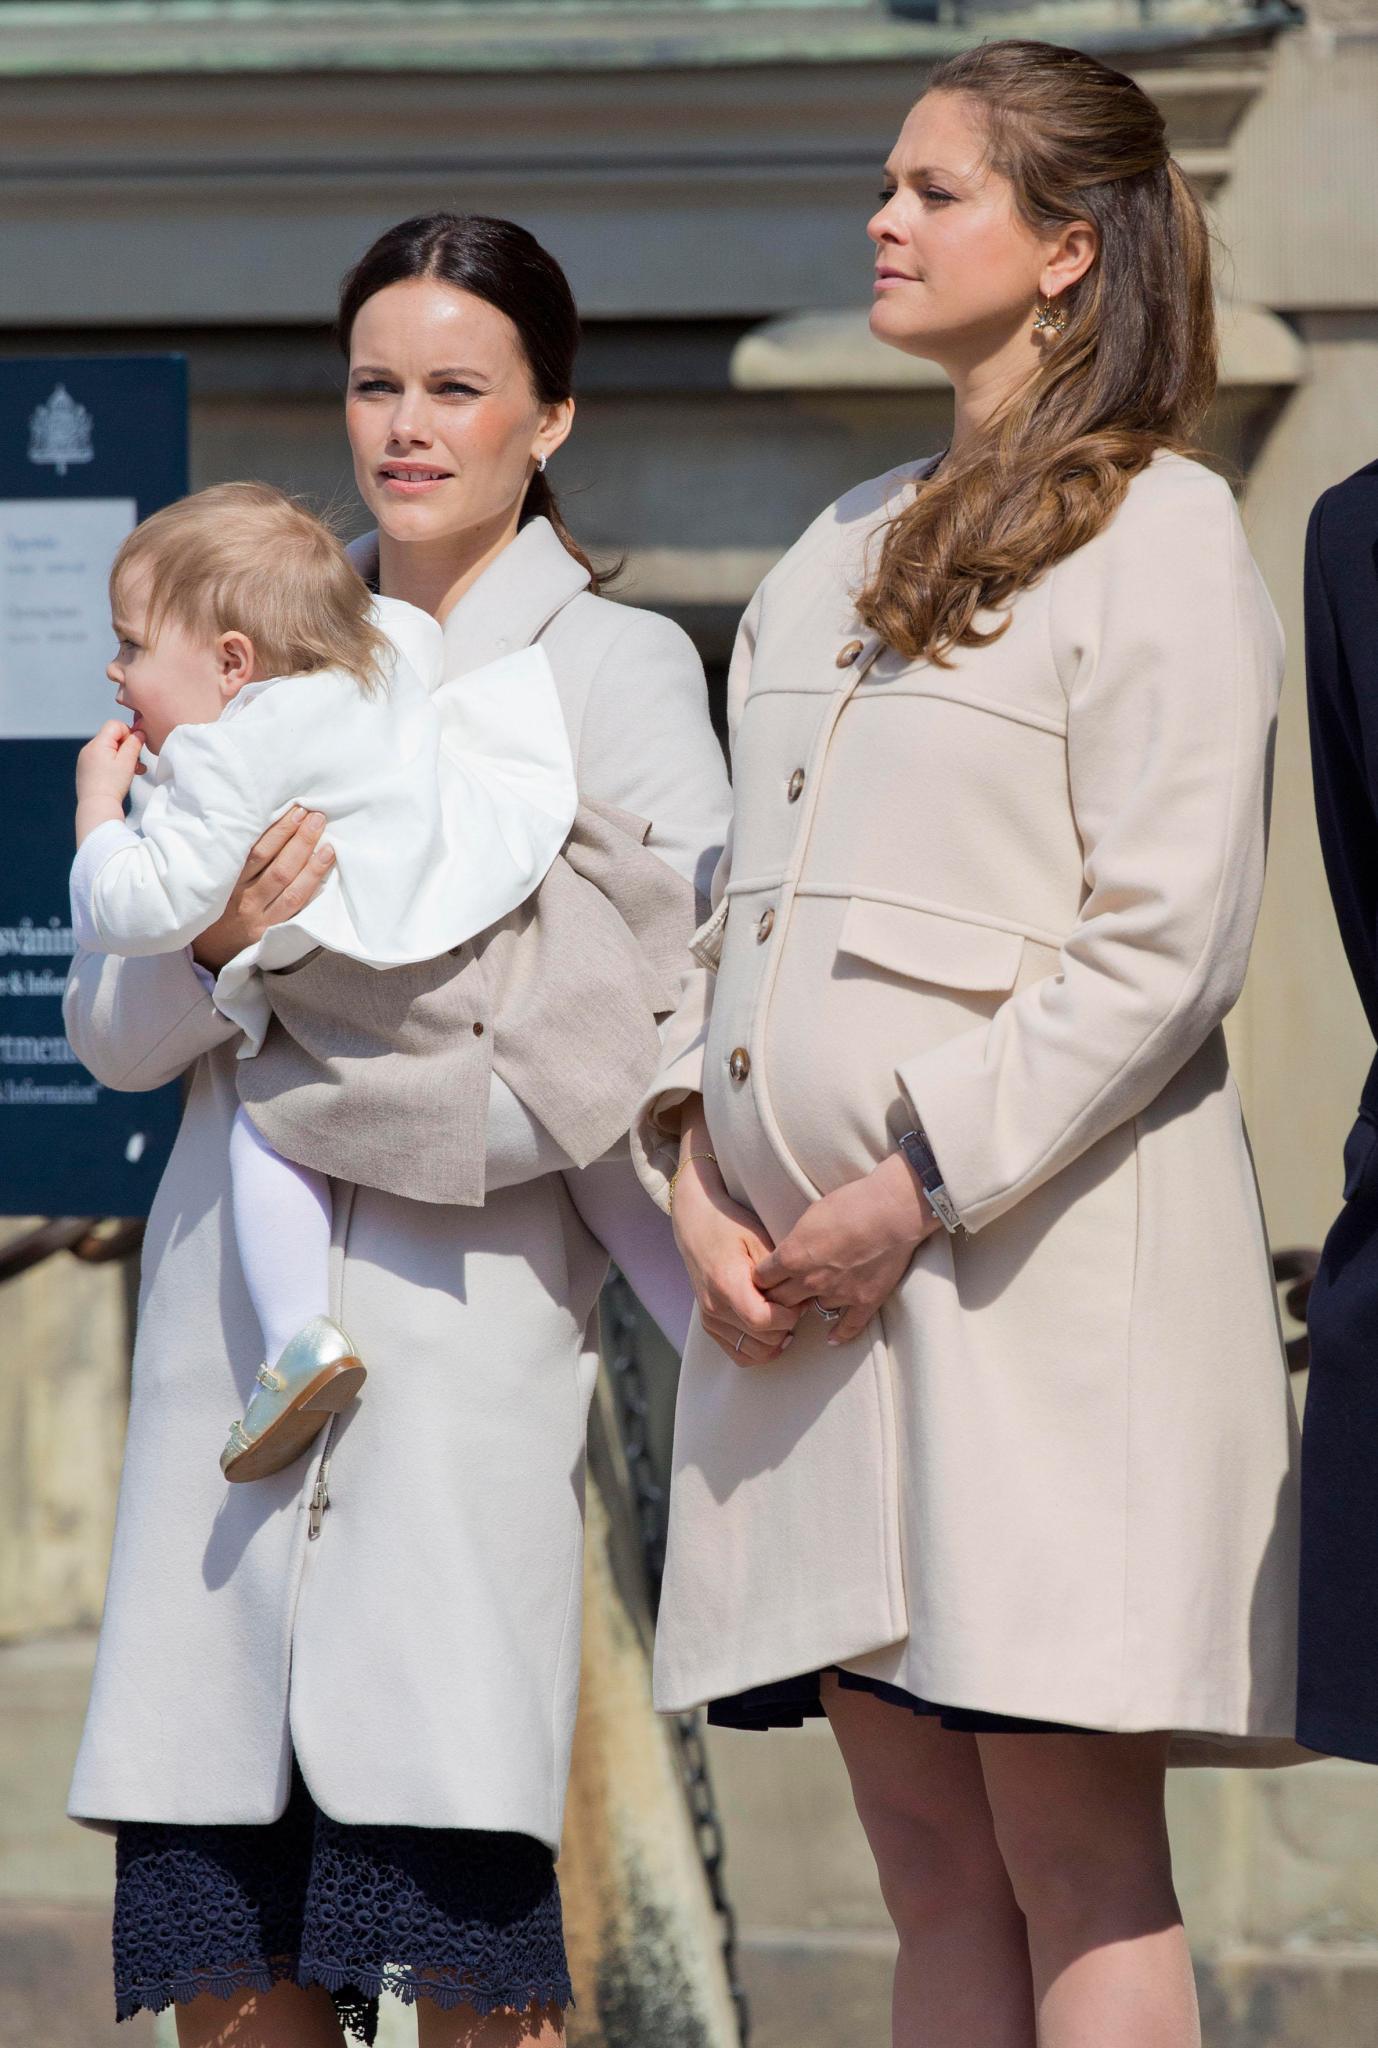 Bei König Carl Gustafs Geburtstag schnappte sich Sofia Madeleines einjährige Tochter Leonore. Mit der Kleinen kommt sie prima klar.